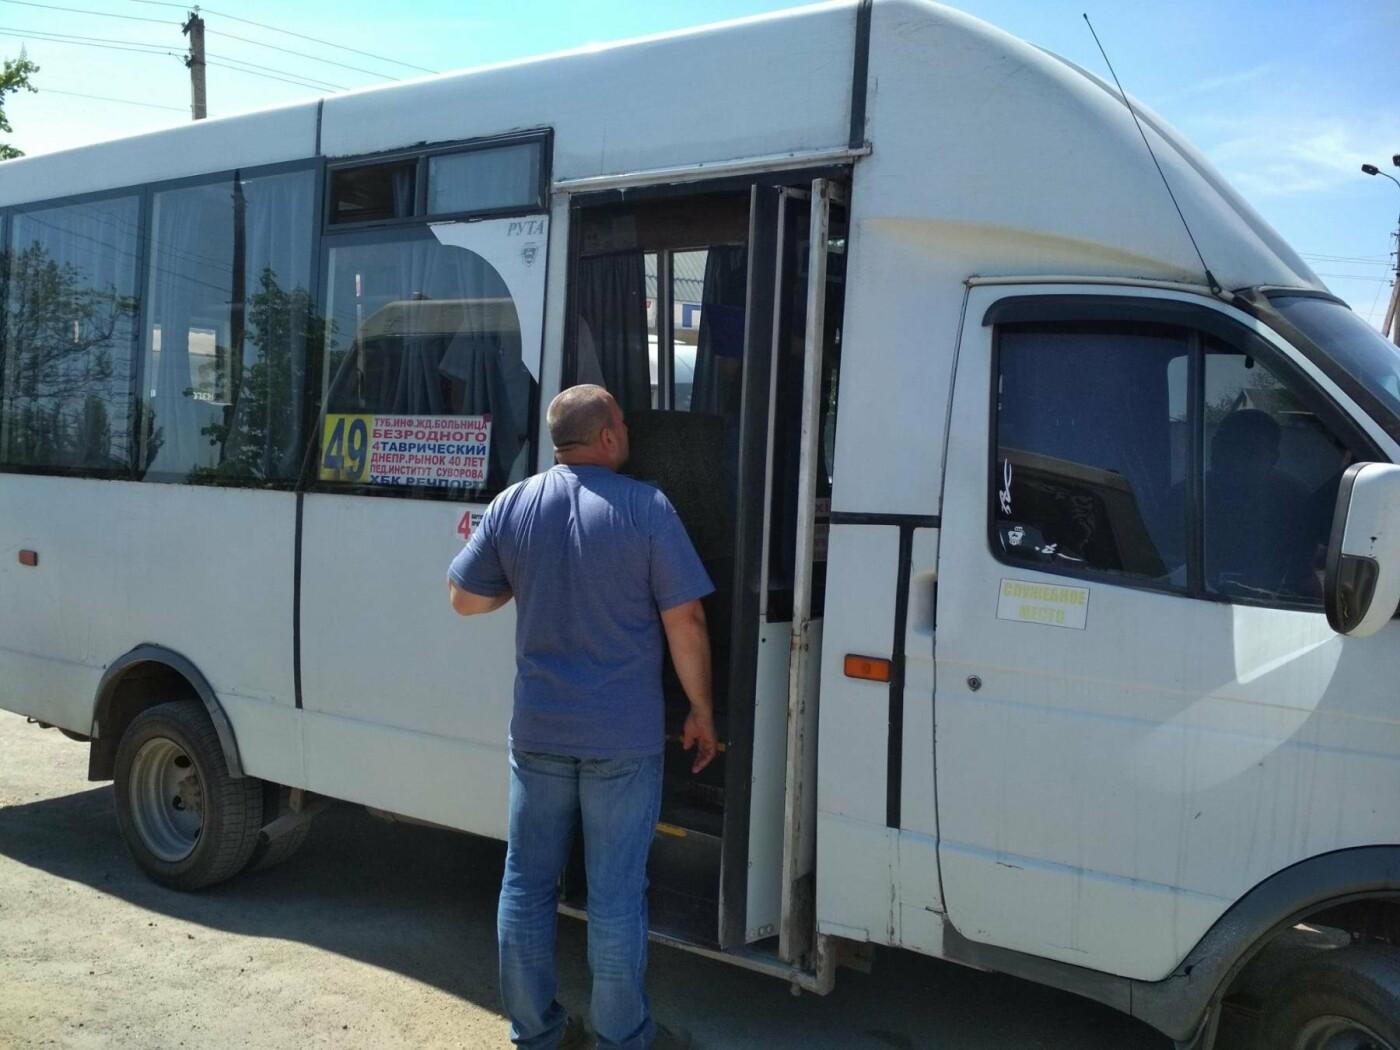 Херсонский перевозчик выпустил на маршрут в три раза меньше автобусов, чем необходимо , фото-1